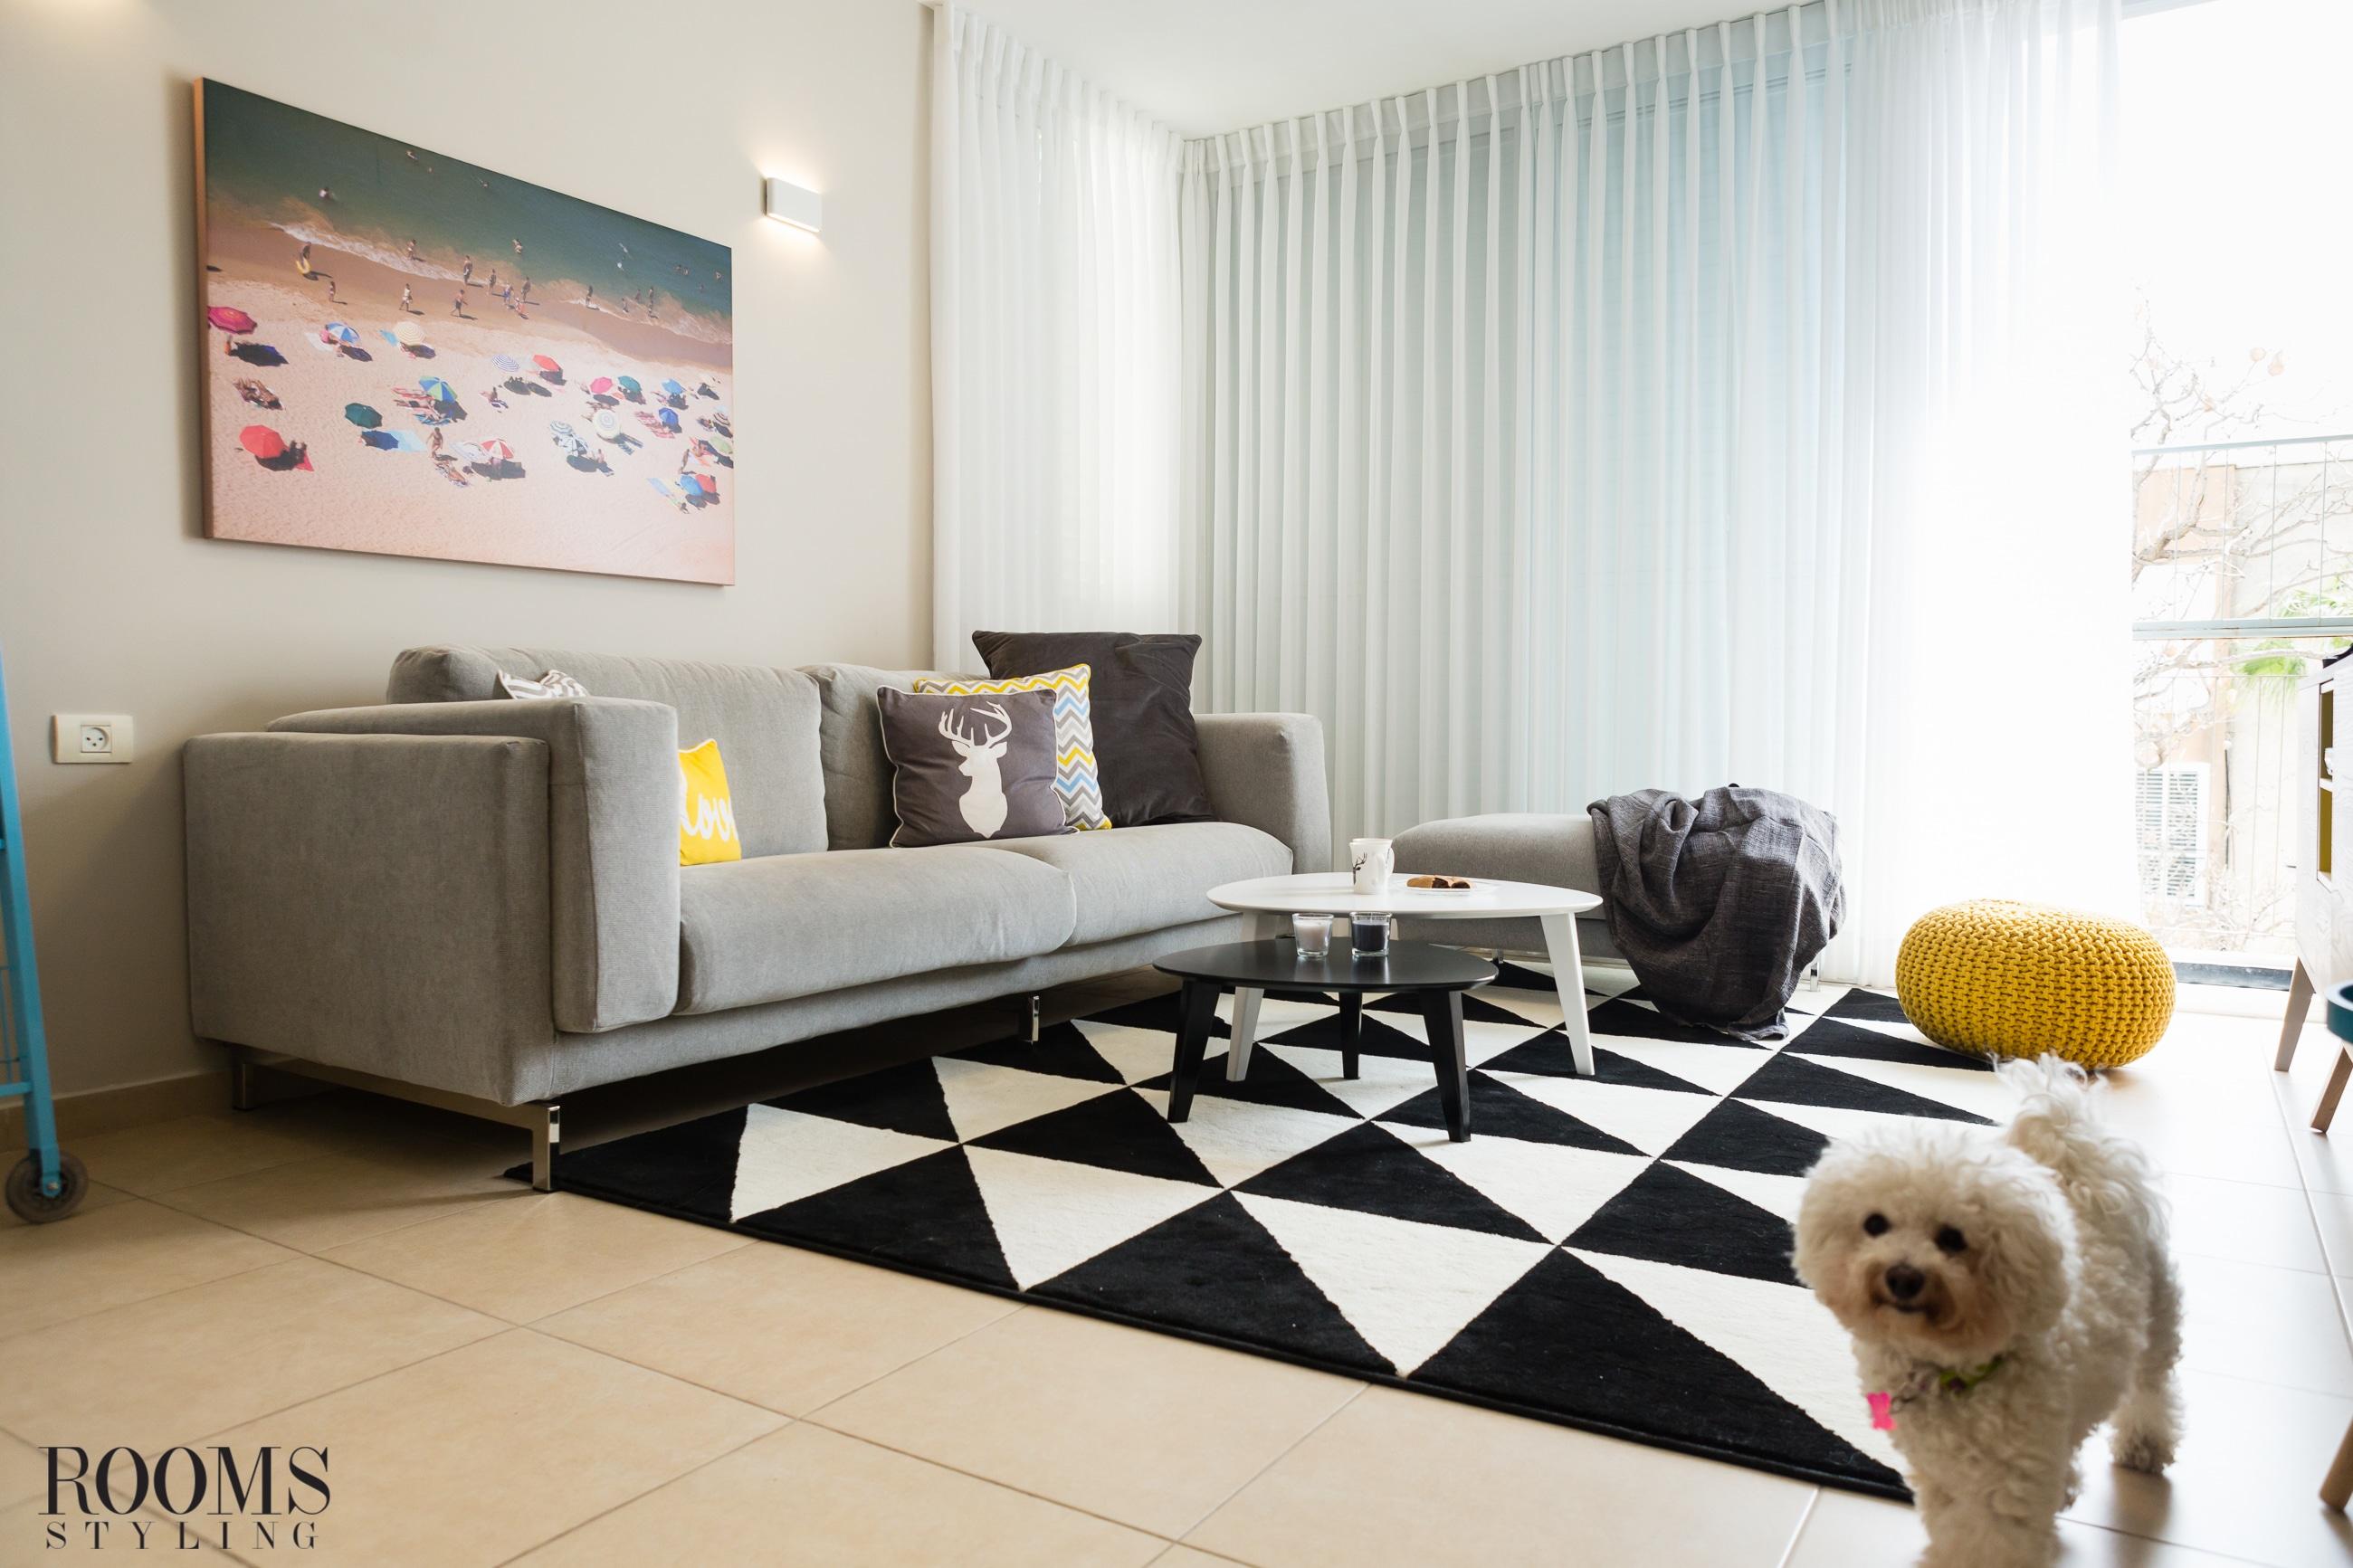 הום סטיילינג לסלון מודרני בדירה בהרצליה